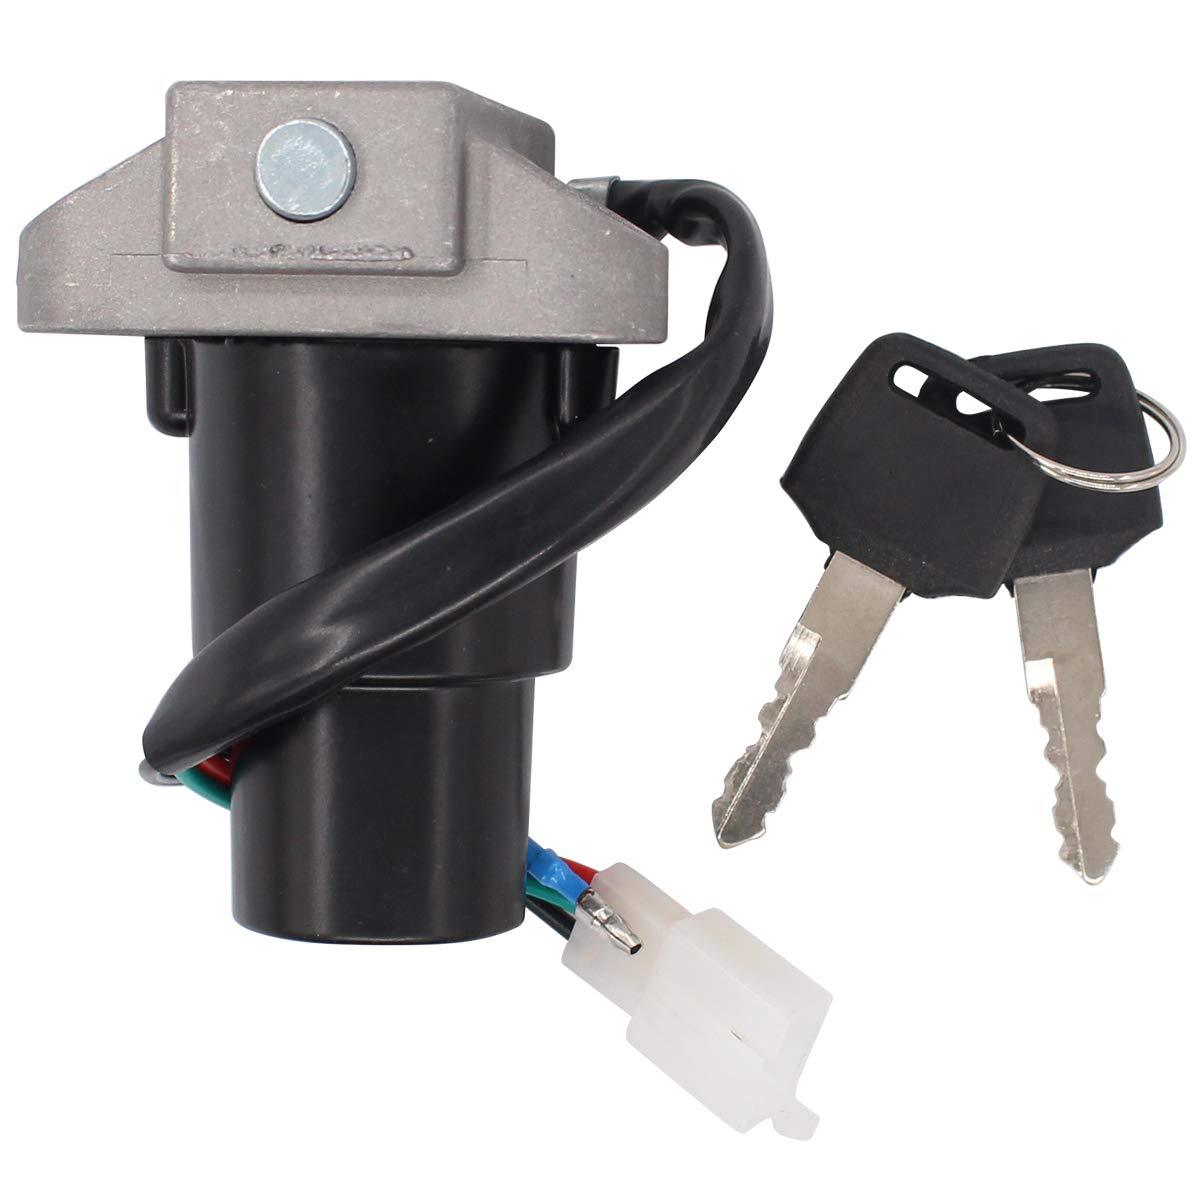 NewYall Ignition Switch with Keys